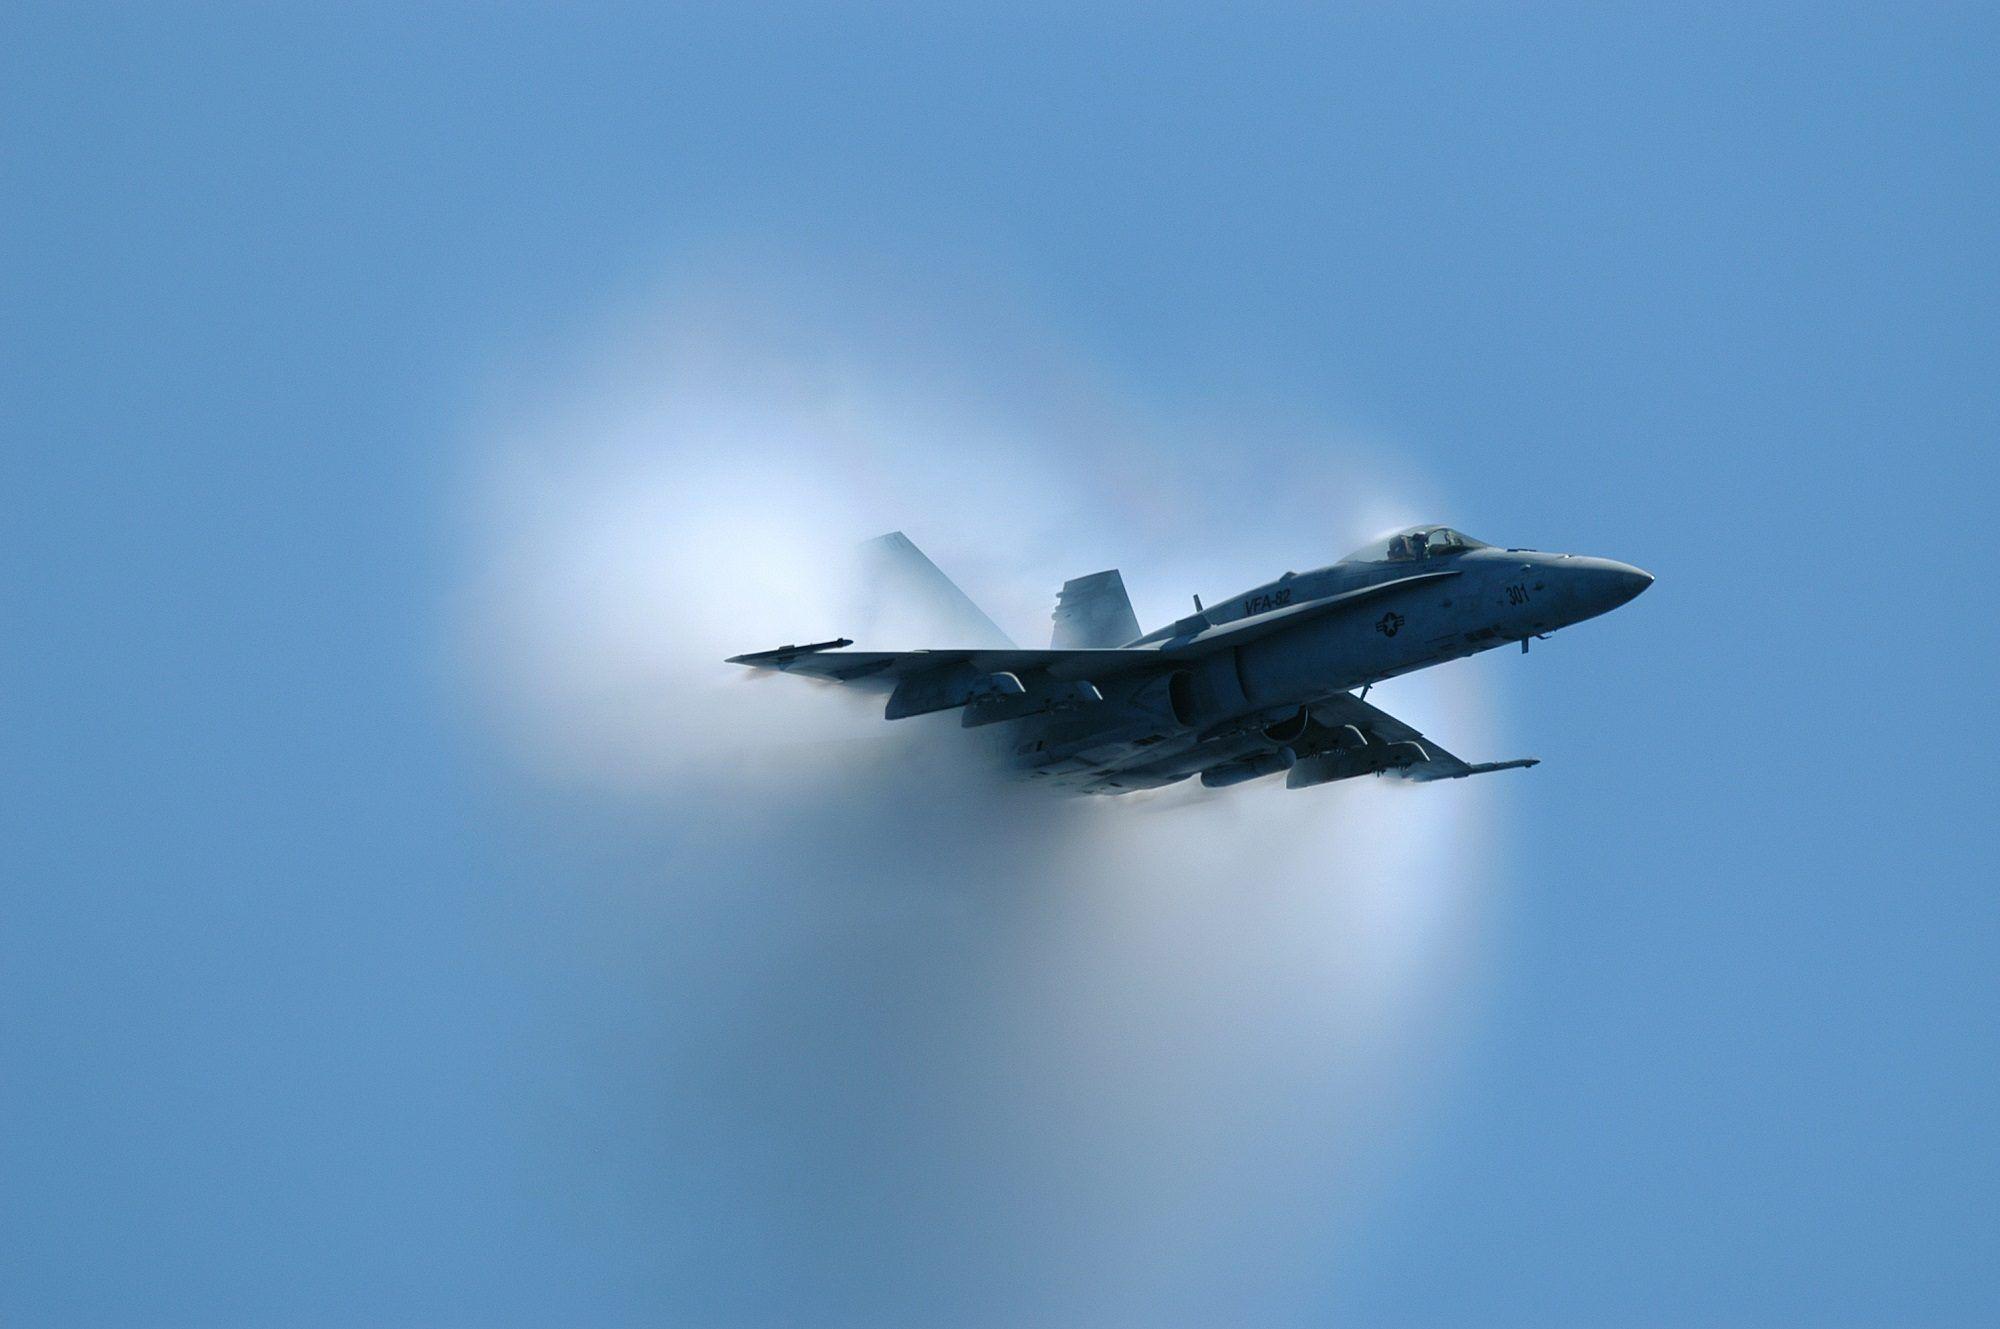 Avion Barrera Sonido Velocidad Explosion Fondos De Pantalla